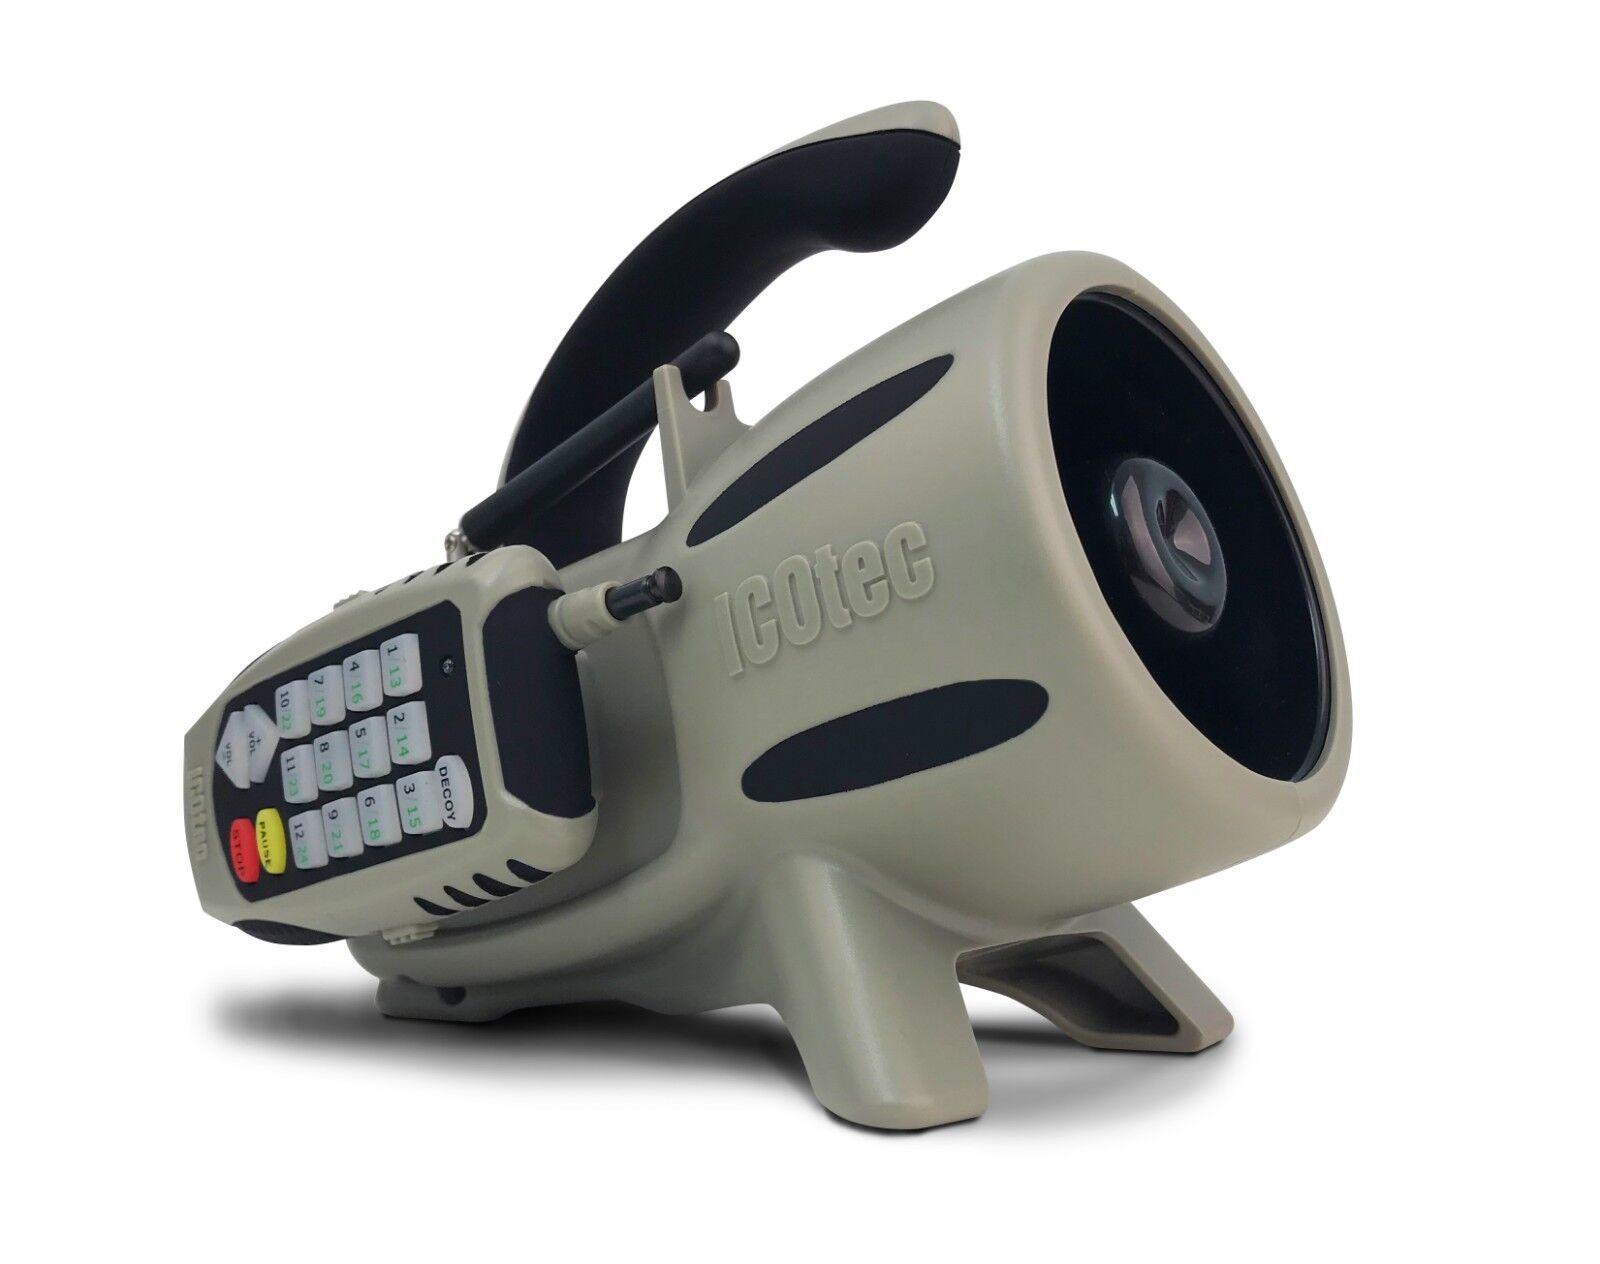 Mejor Fox llamada icotec GEN2 GC350 Programable Fox Deprojoador Llamador